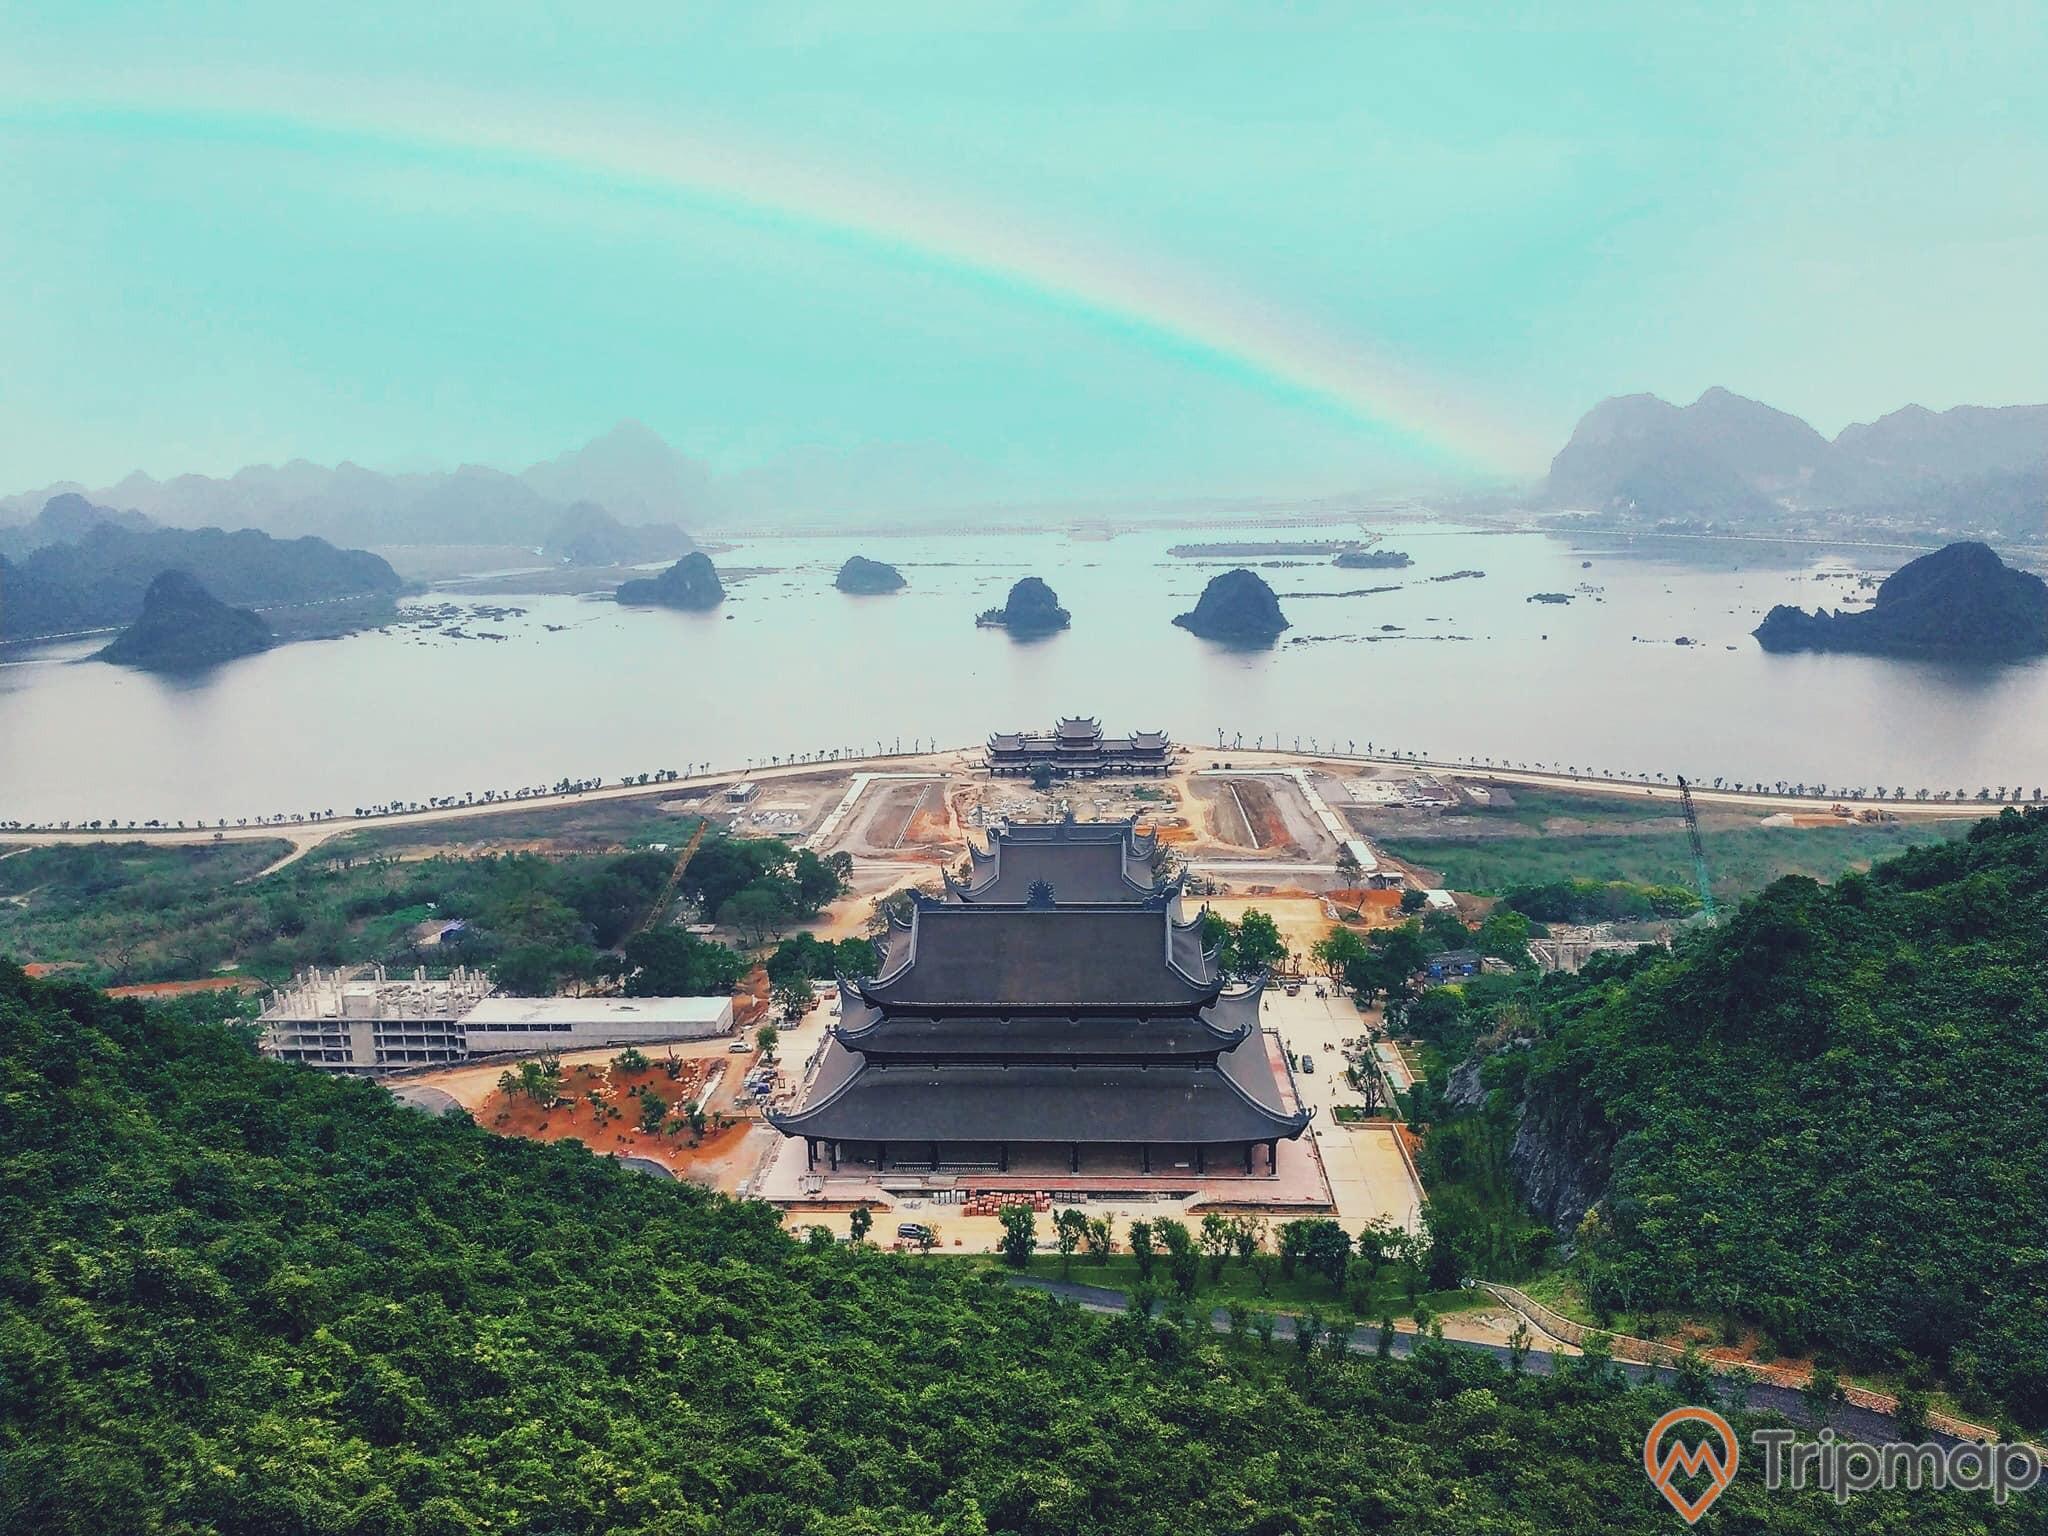 Quang cảnh thiên nhiên tại khu du lịch hồ tam chúc, đồi núi phía xa xa, bầu trời có mây, cây cối xanh tươi, ngôi chùa lớn nhất Đông Nam Á